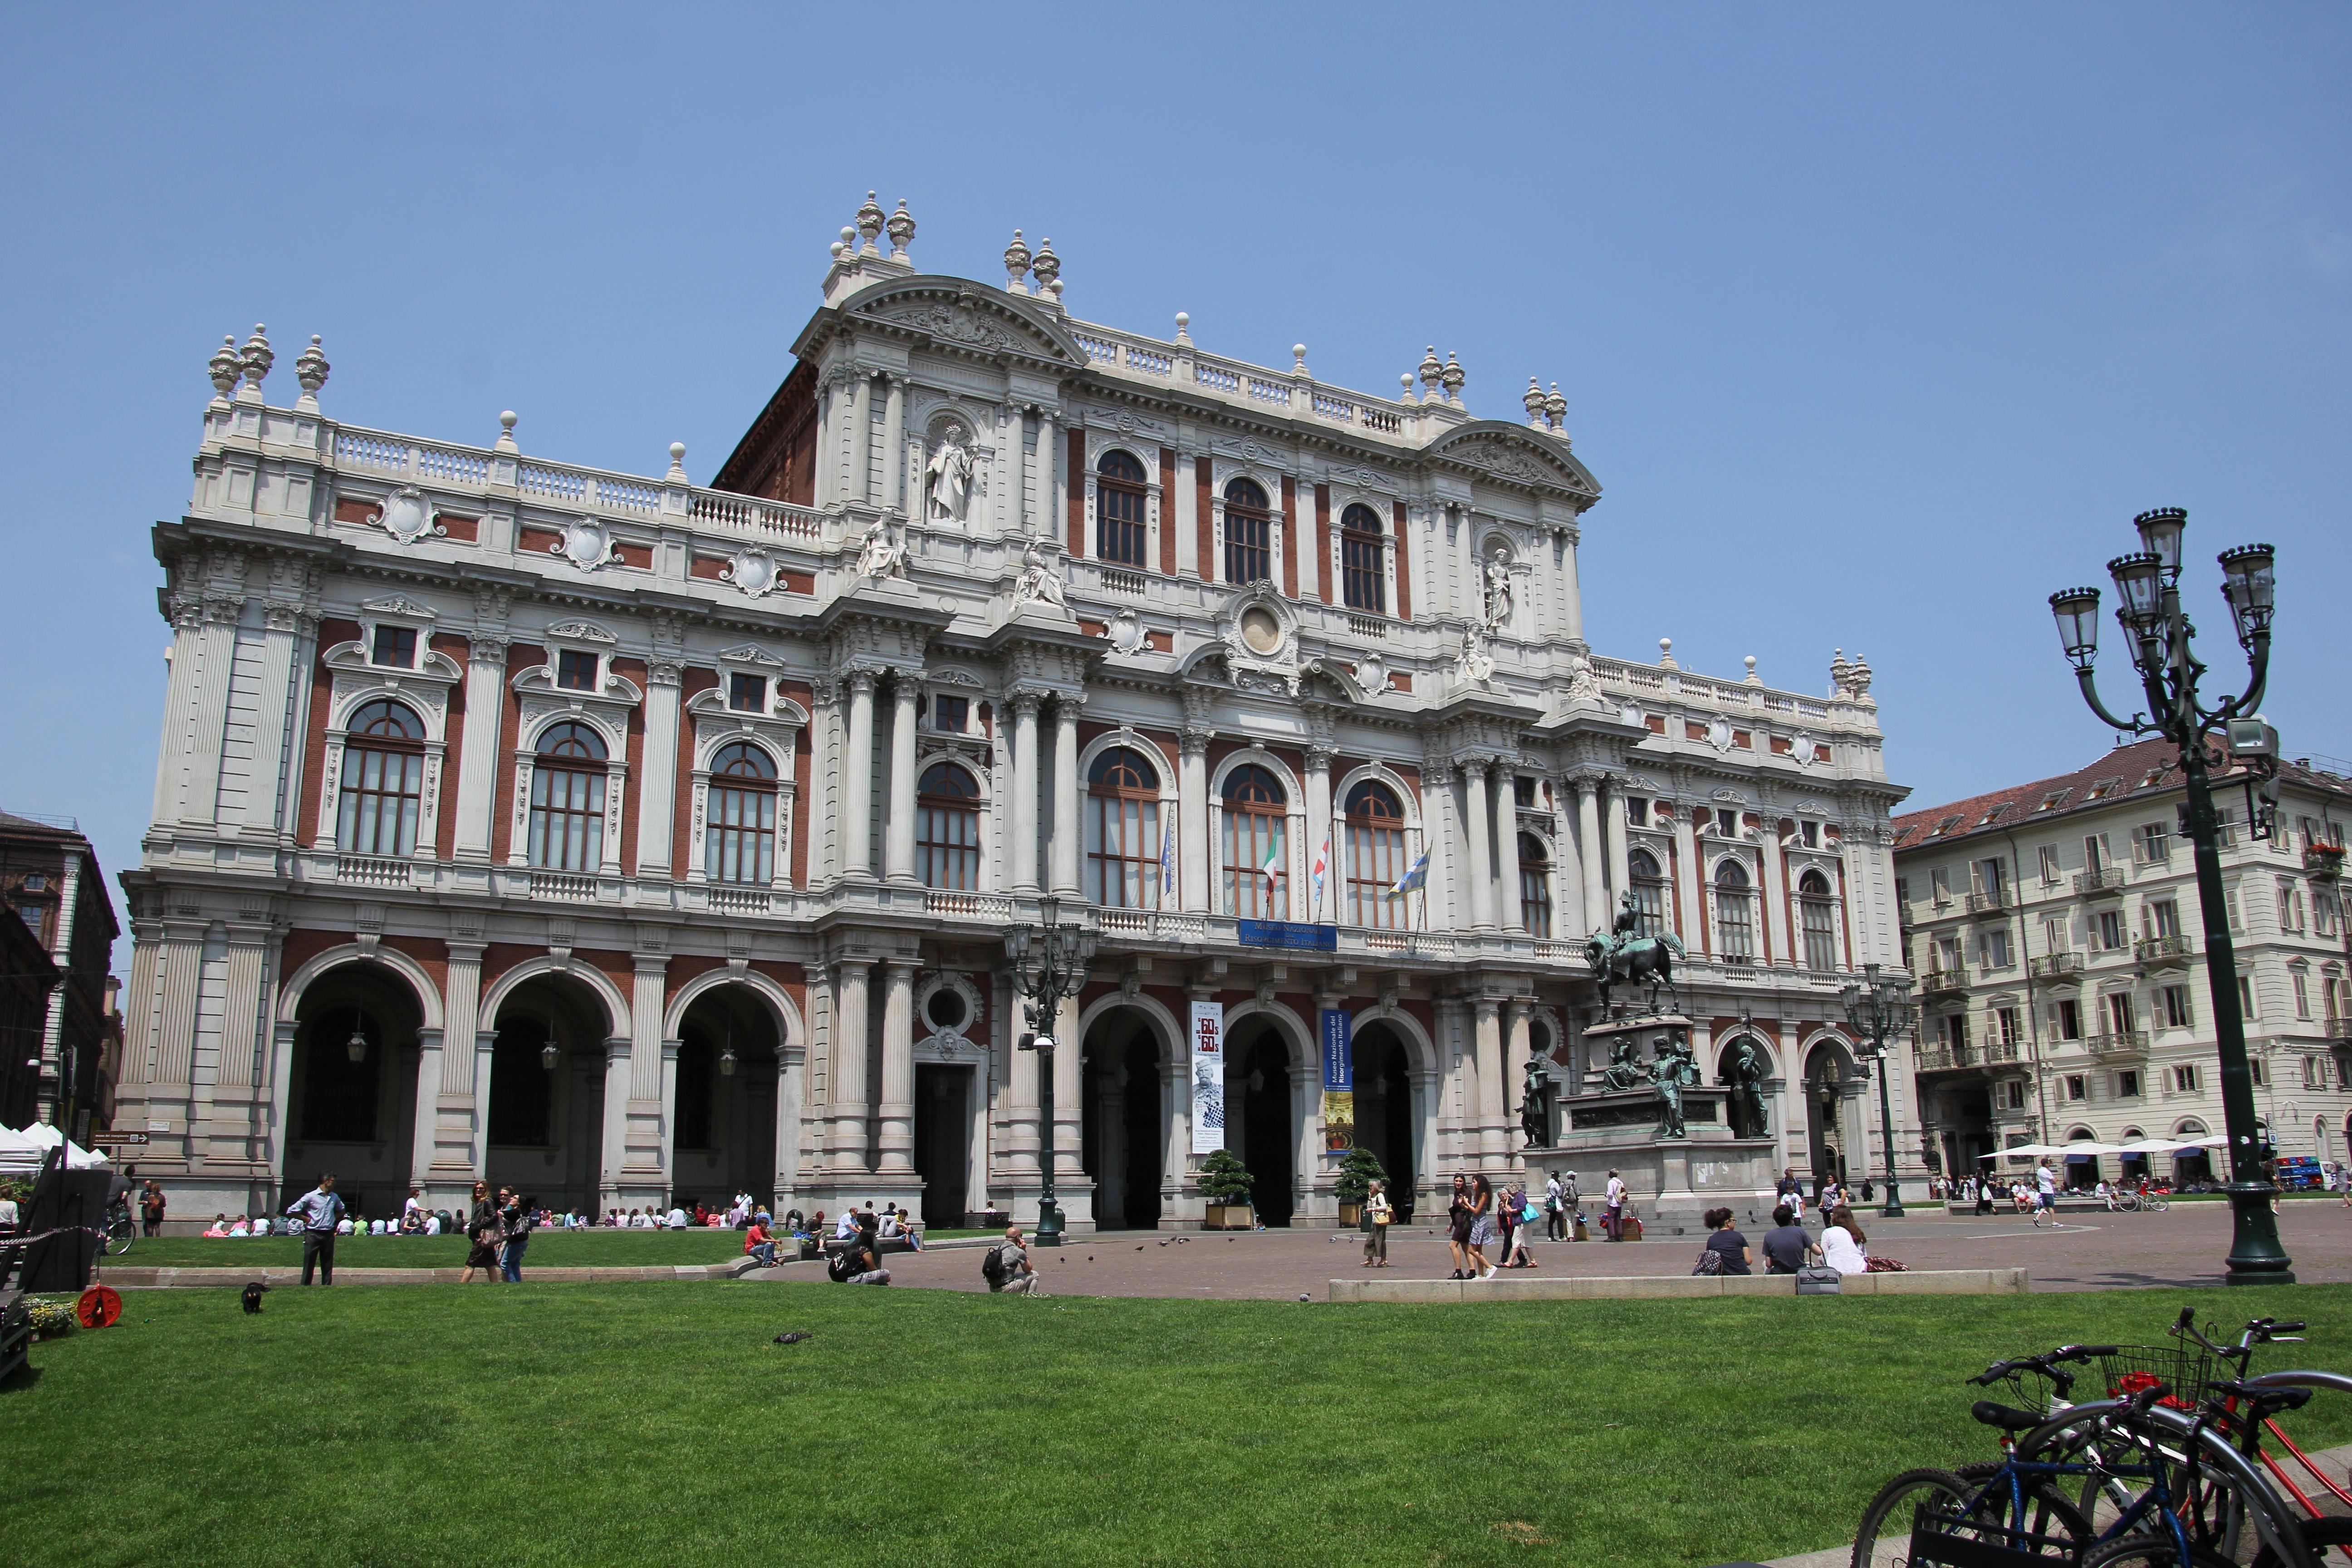 Museo Nazionale Del Risorgimento Italiano.File Torino Museo Del Risorgimento Italiano 01 Jpg Wikimedia